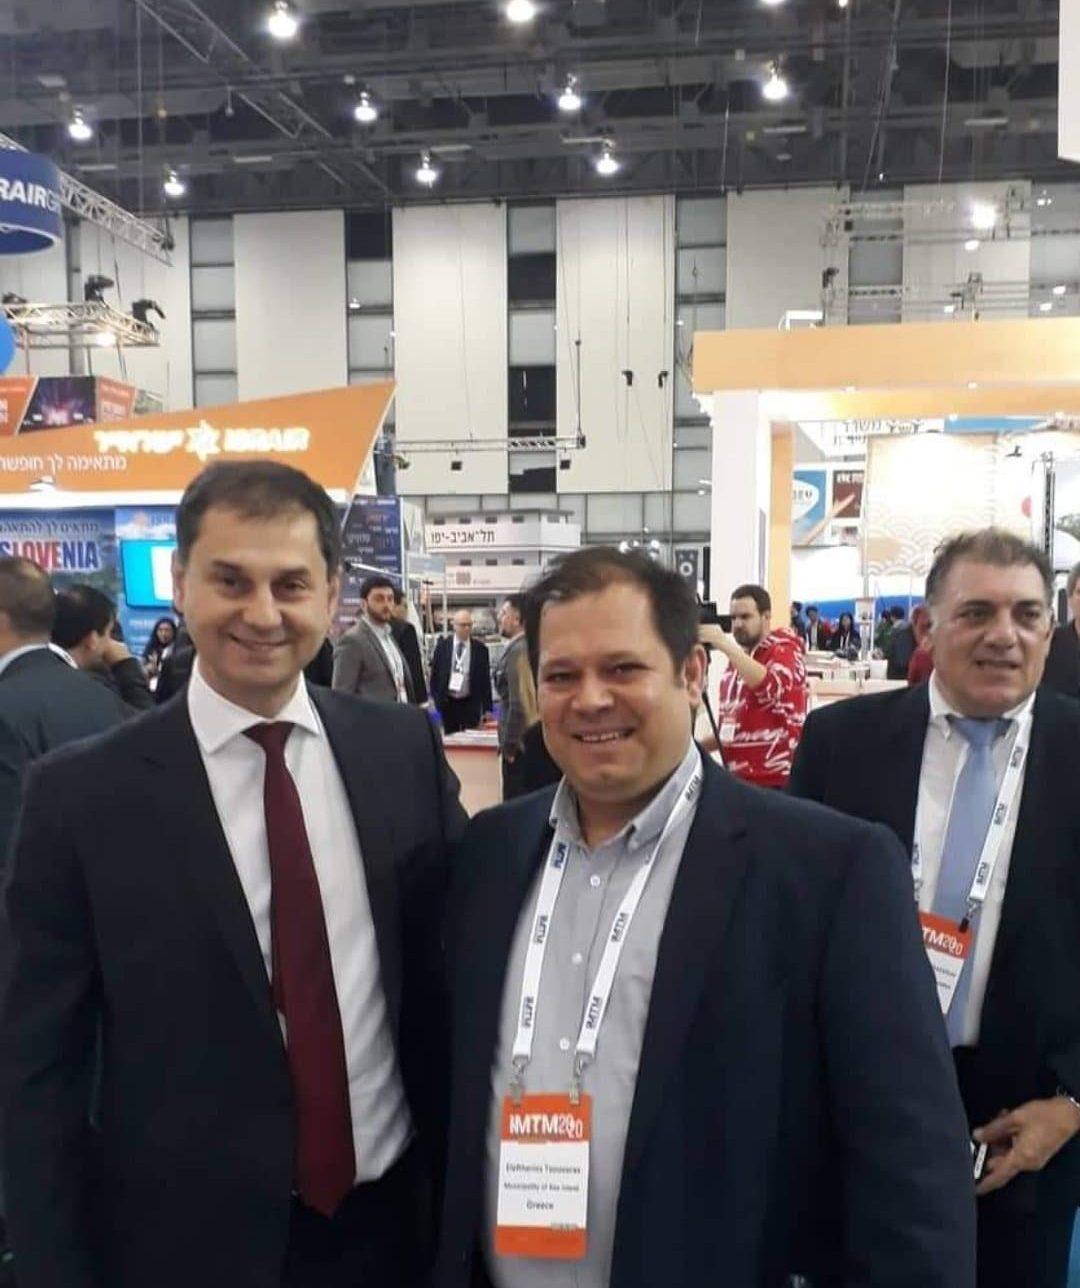 Με τον Υπουργό Τουρισμού, κ. Χάρη Θεοχάρη